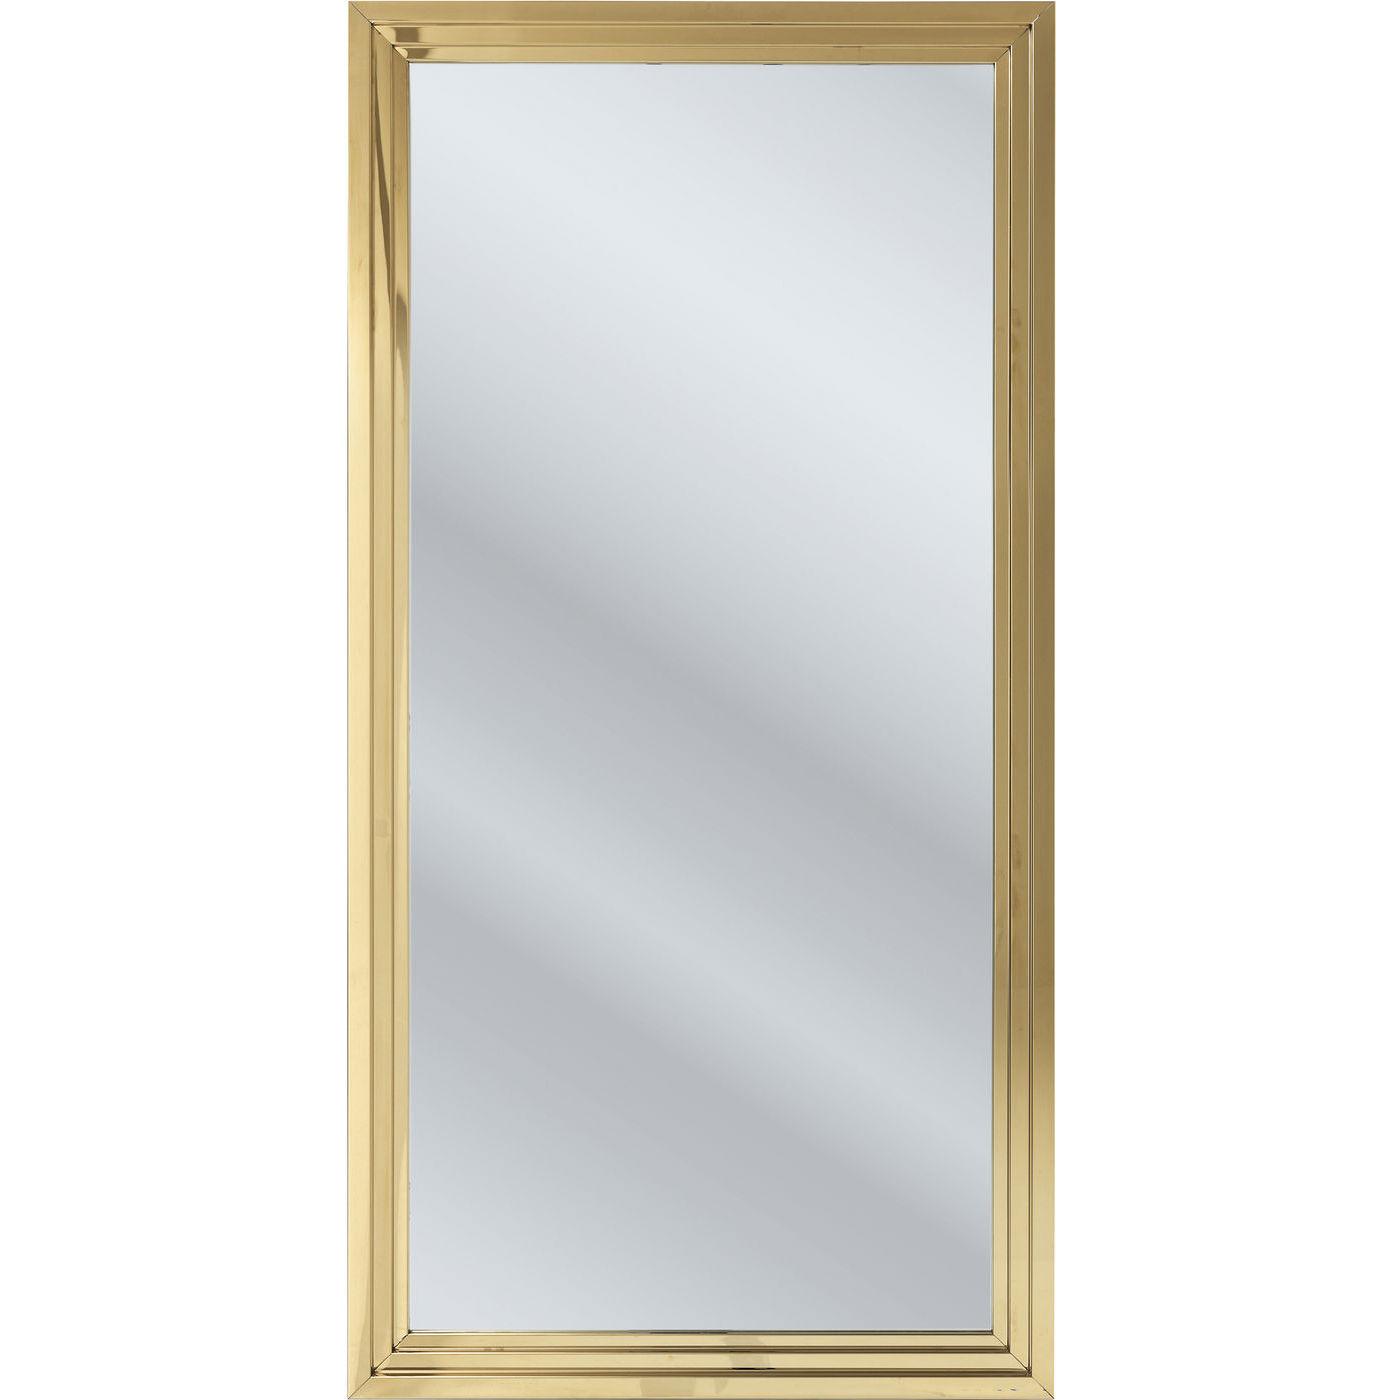 Billede af Kare Design Spejl, Steel Step Gold 180x90cm